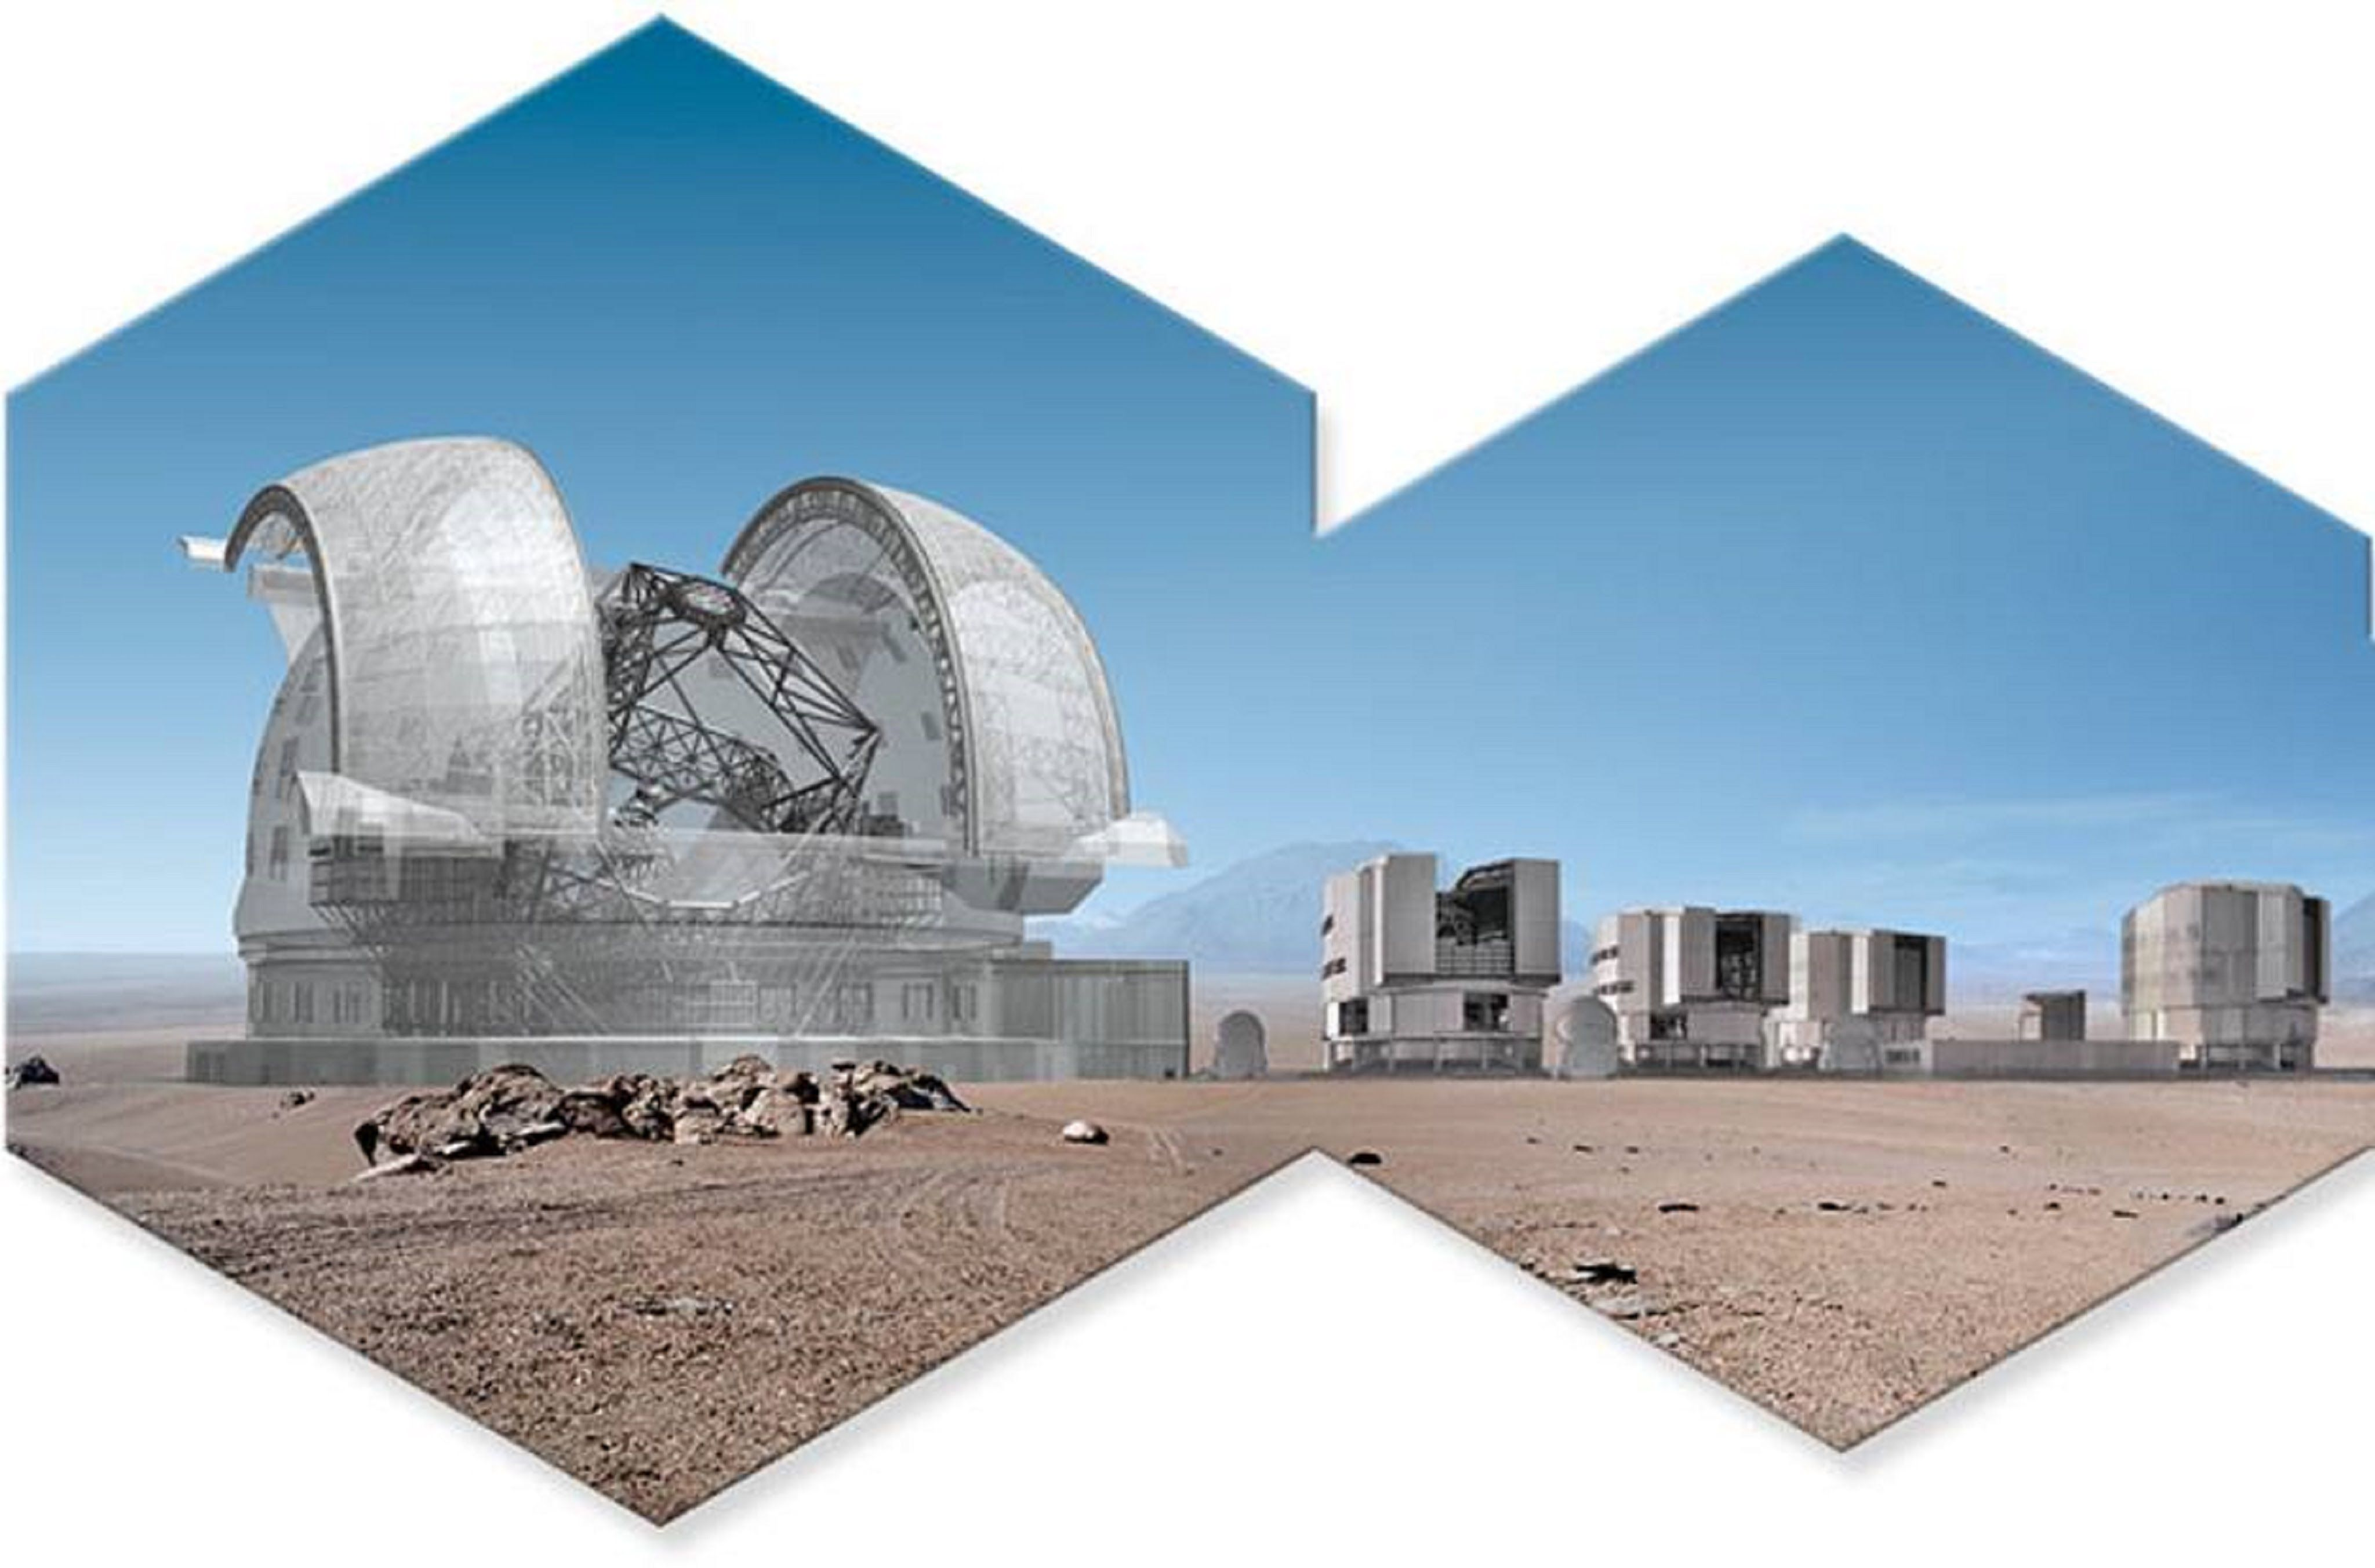 European Extremely Large Telescope (E-ELT) size comparison ...